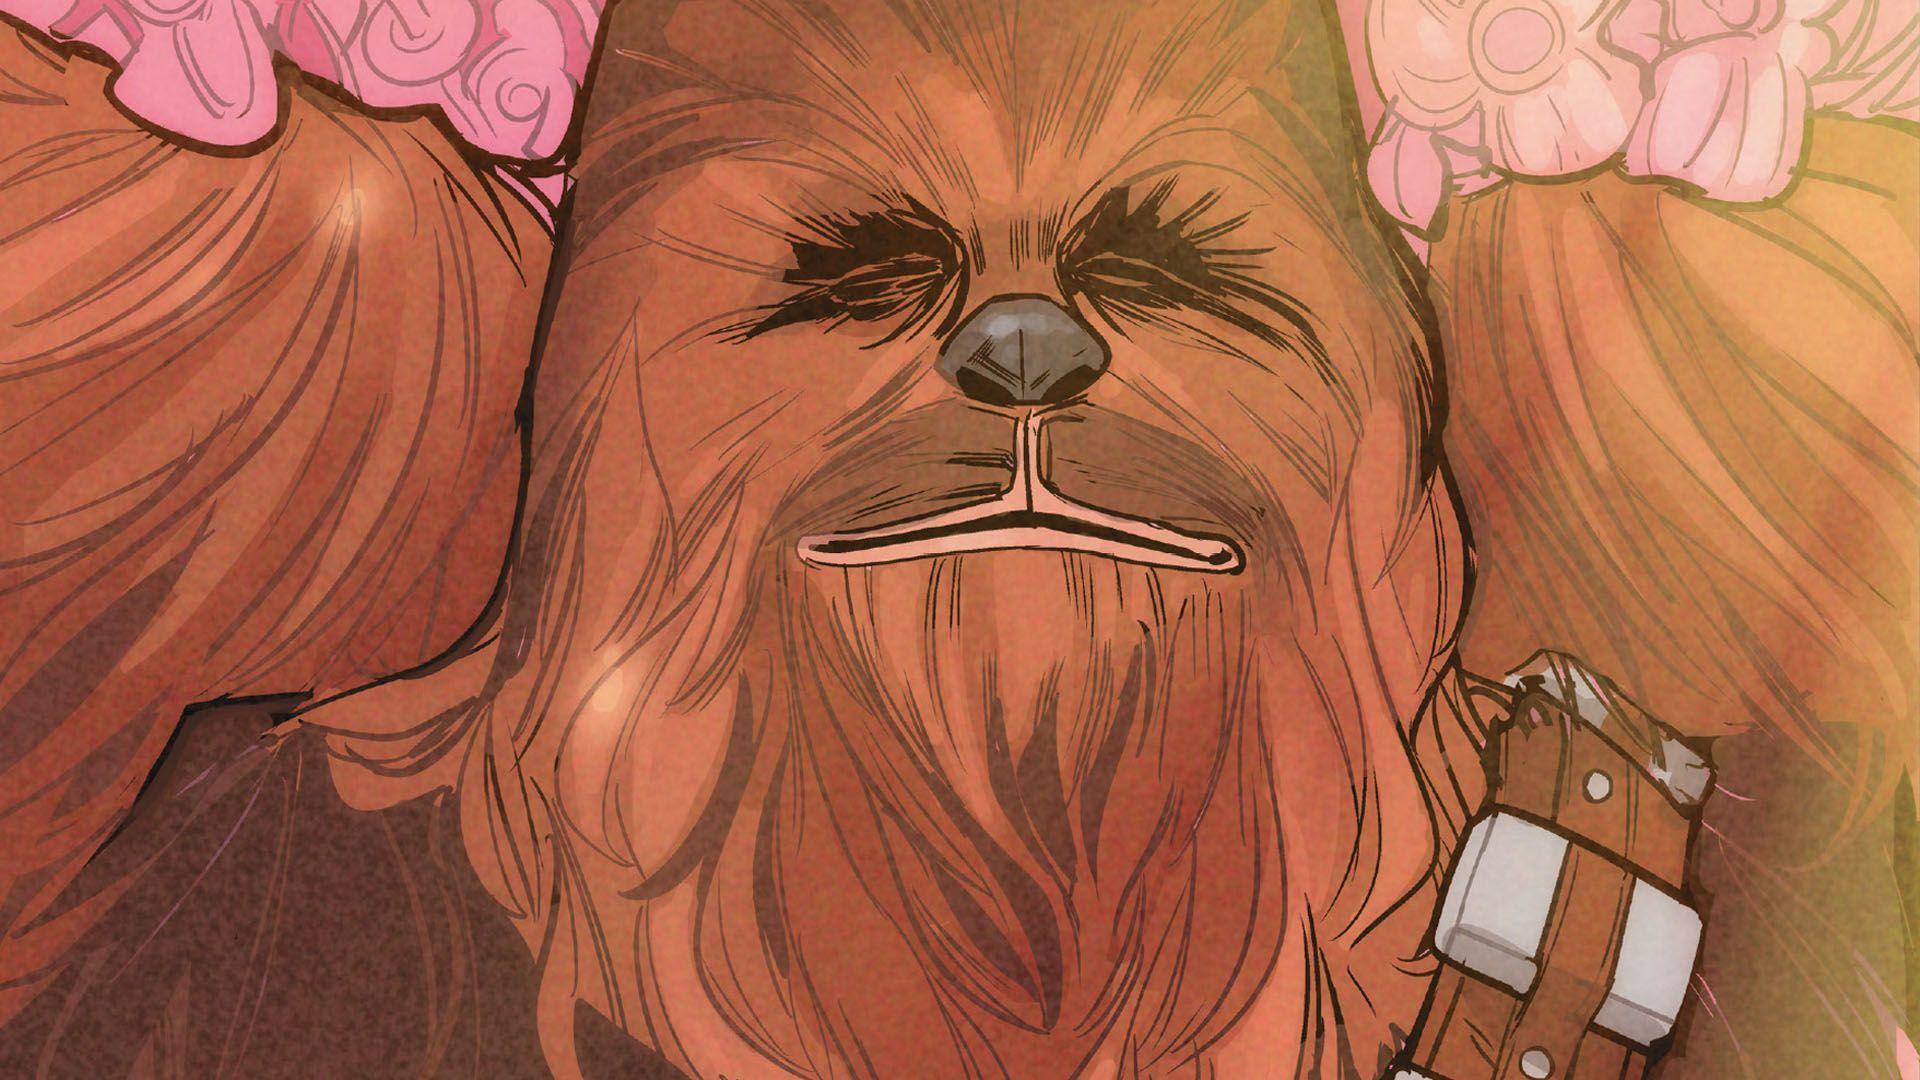 Chewbacca picture hd